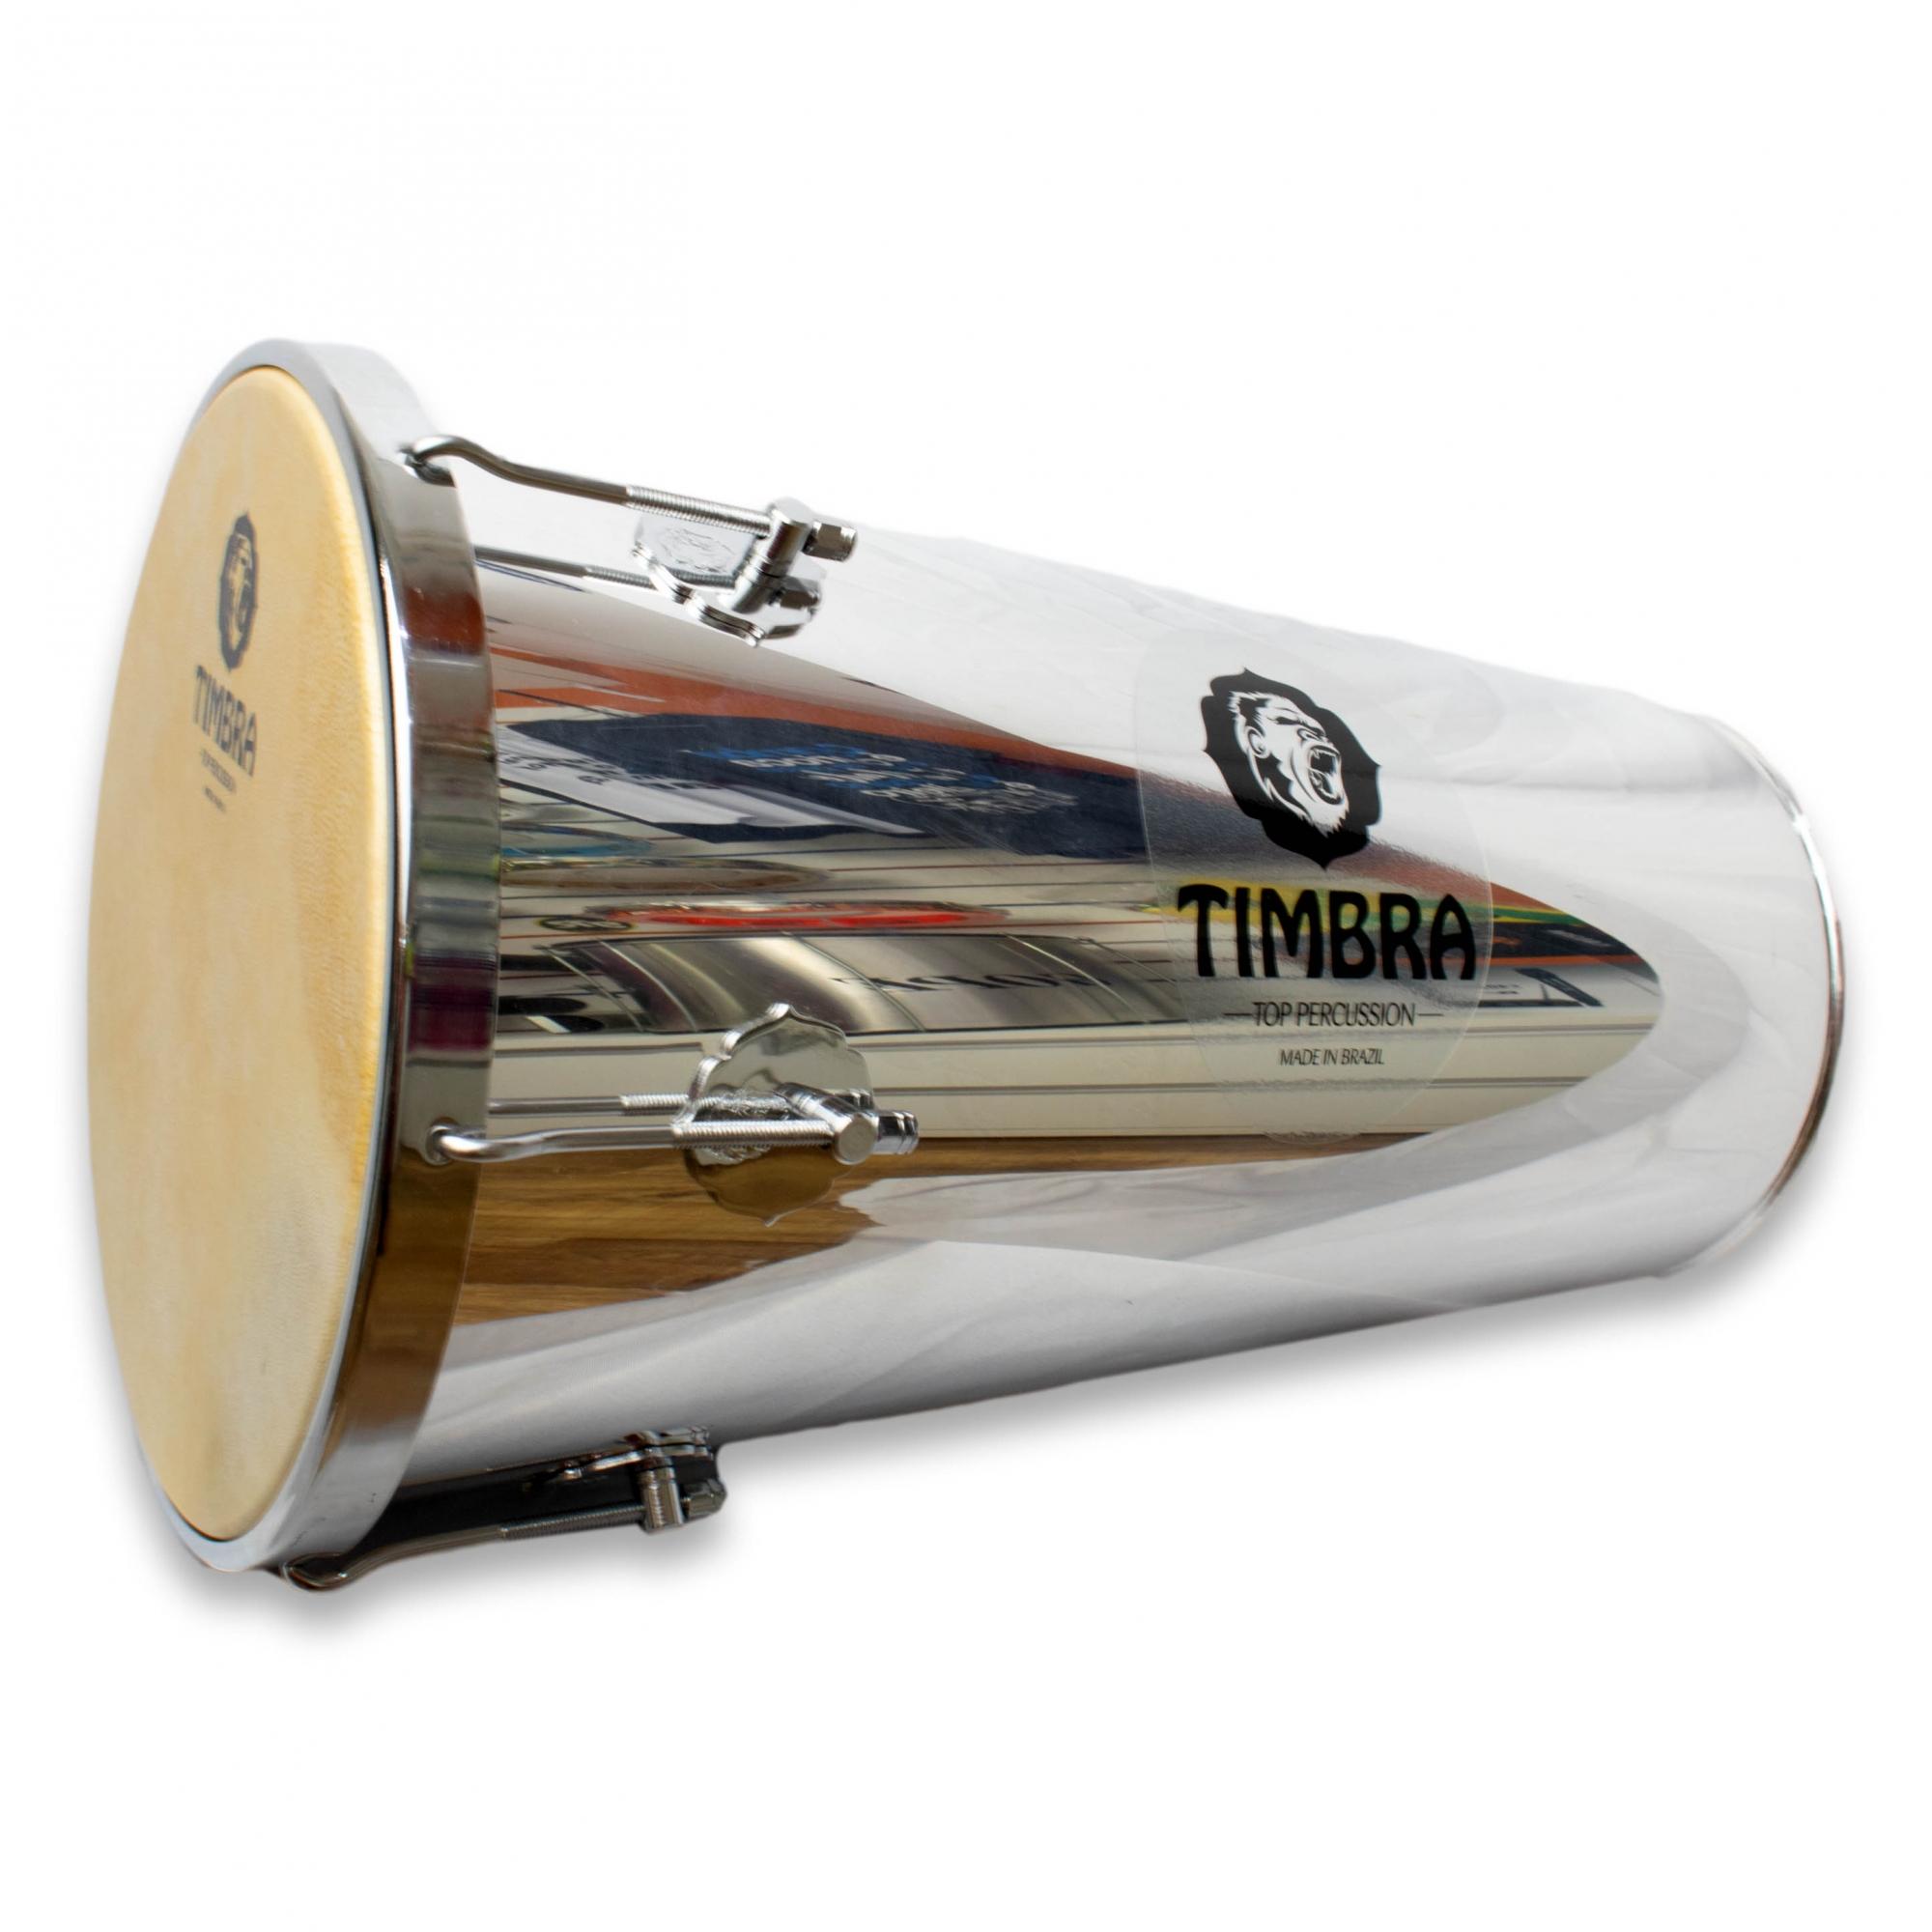 Rebolo Tantan Timbra 12 polegadas 50 cm Aluminio c/ Aro Cromado